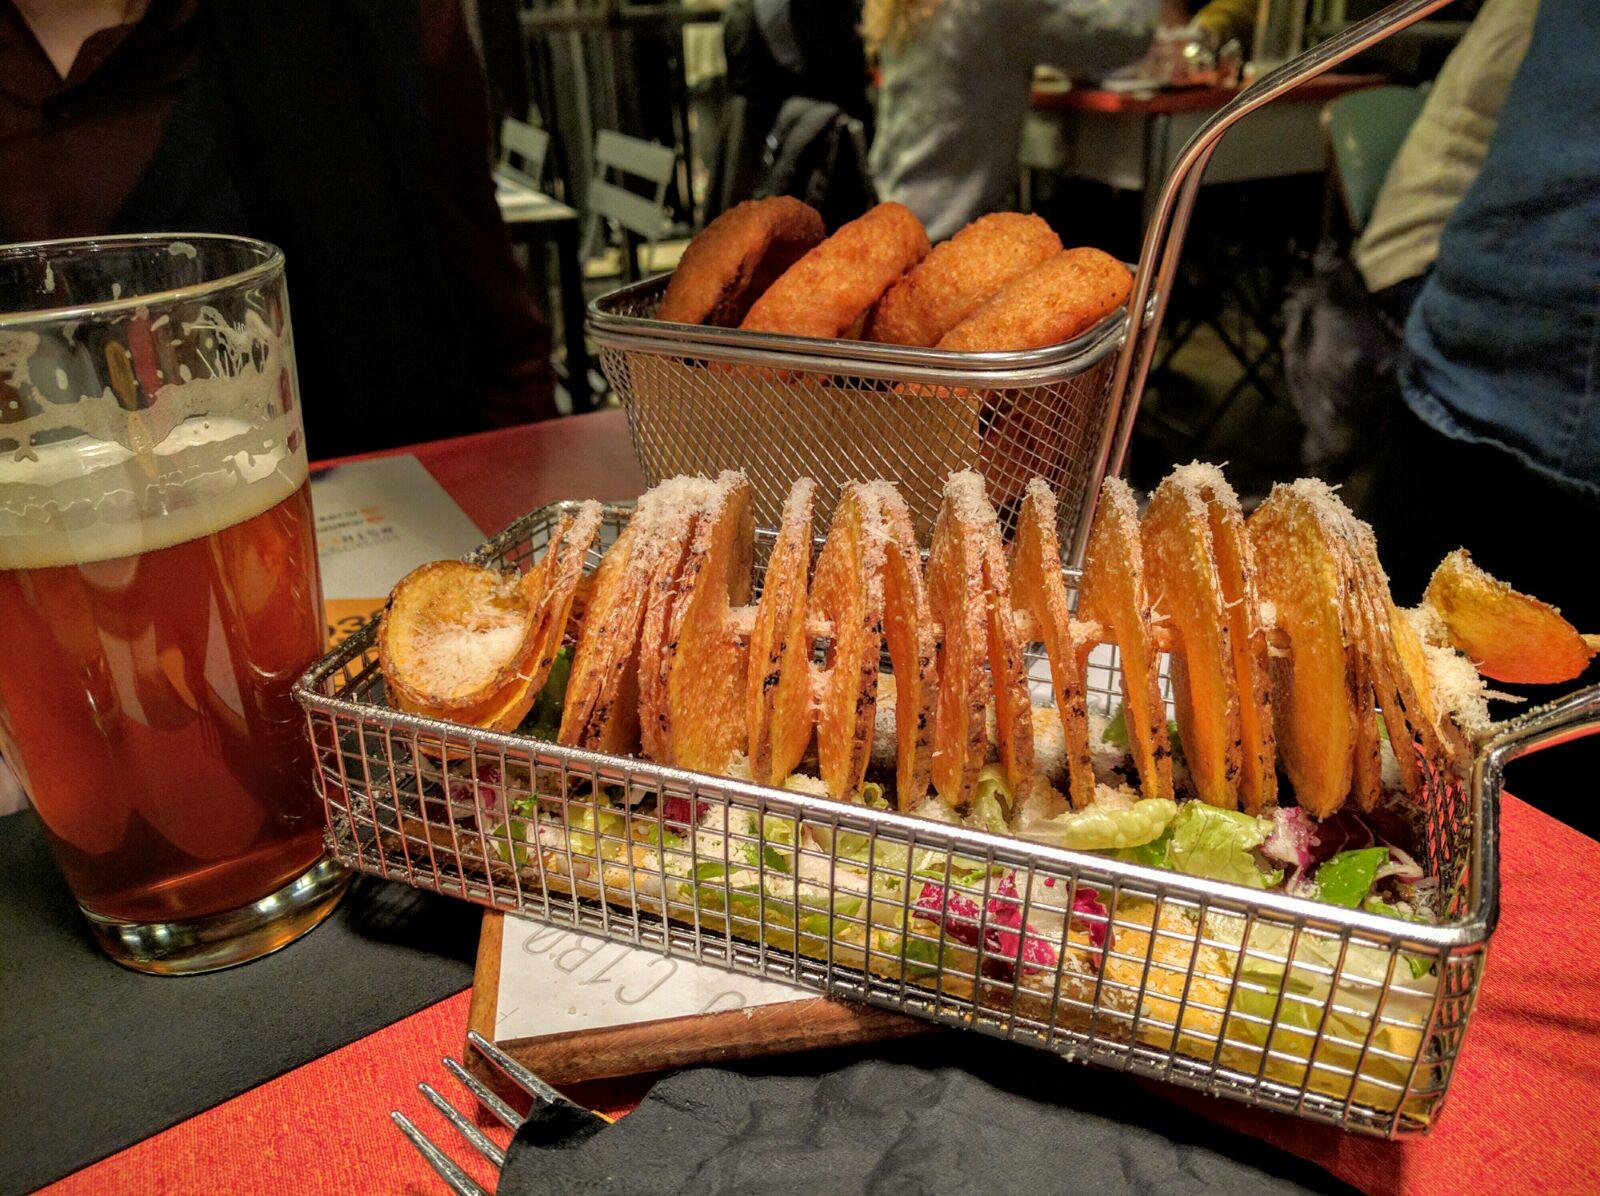 spirale patata fritta c1b0 domenica sera noia famelica food blog famelica foodblogger